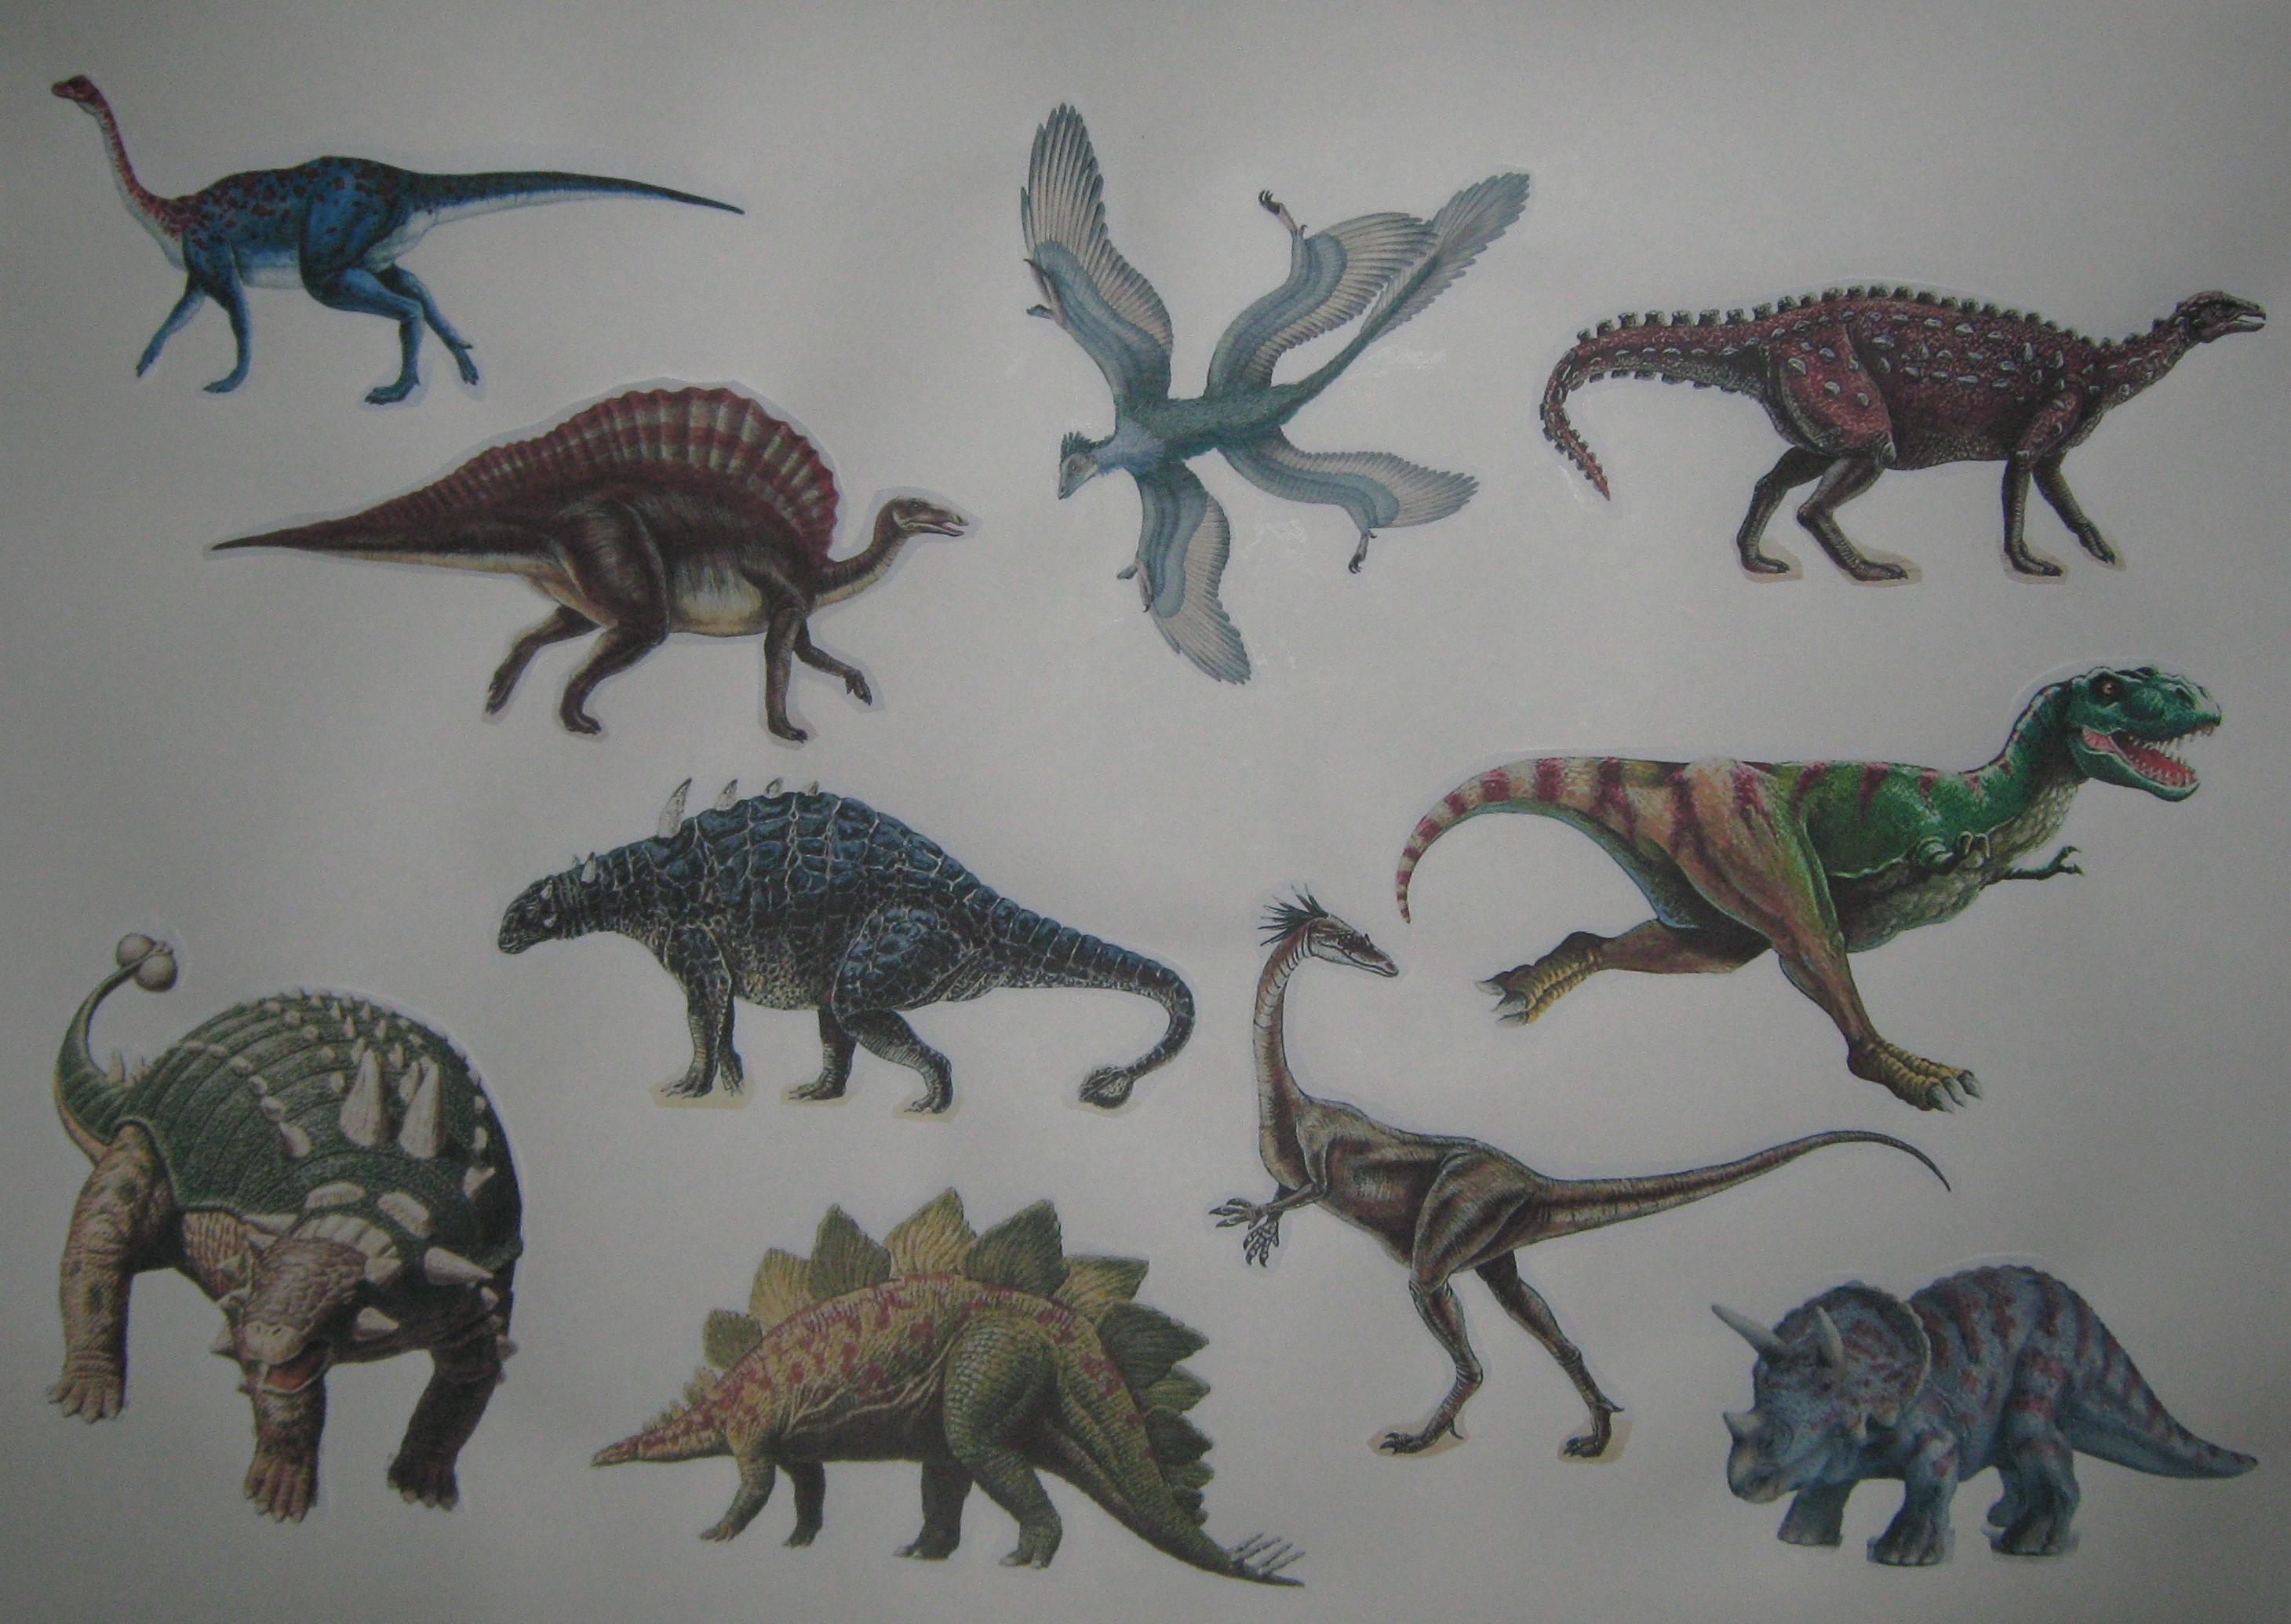 Картинки всех динозавров и их названия фото надзору